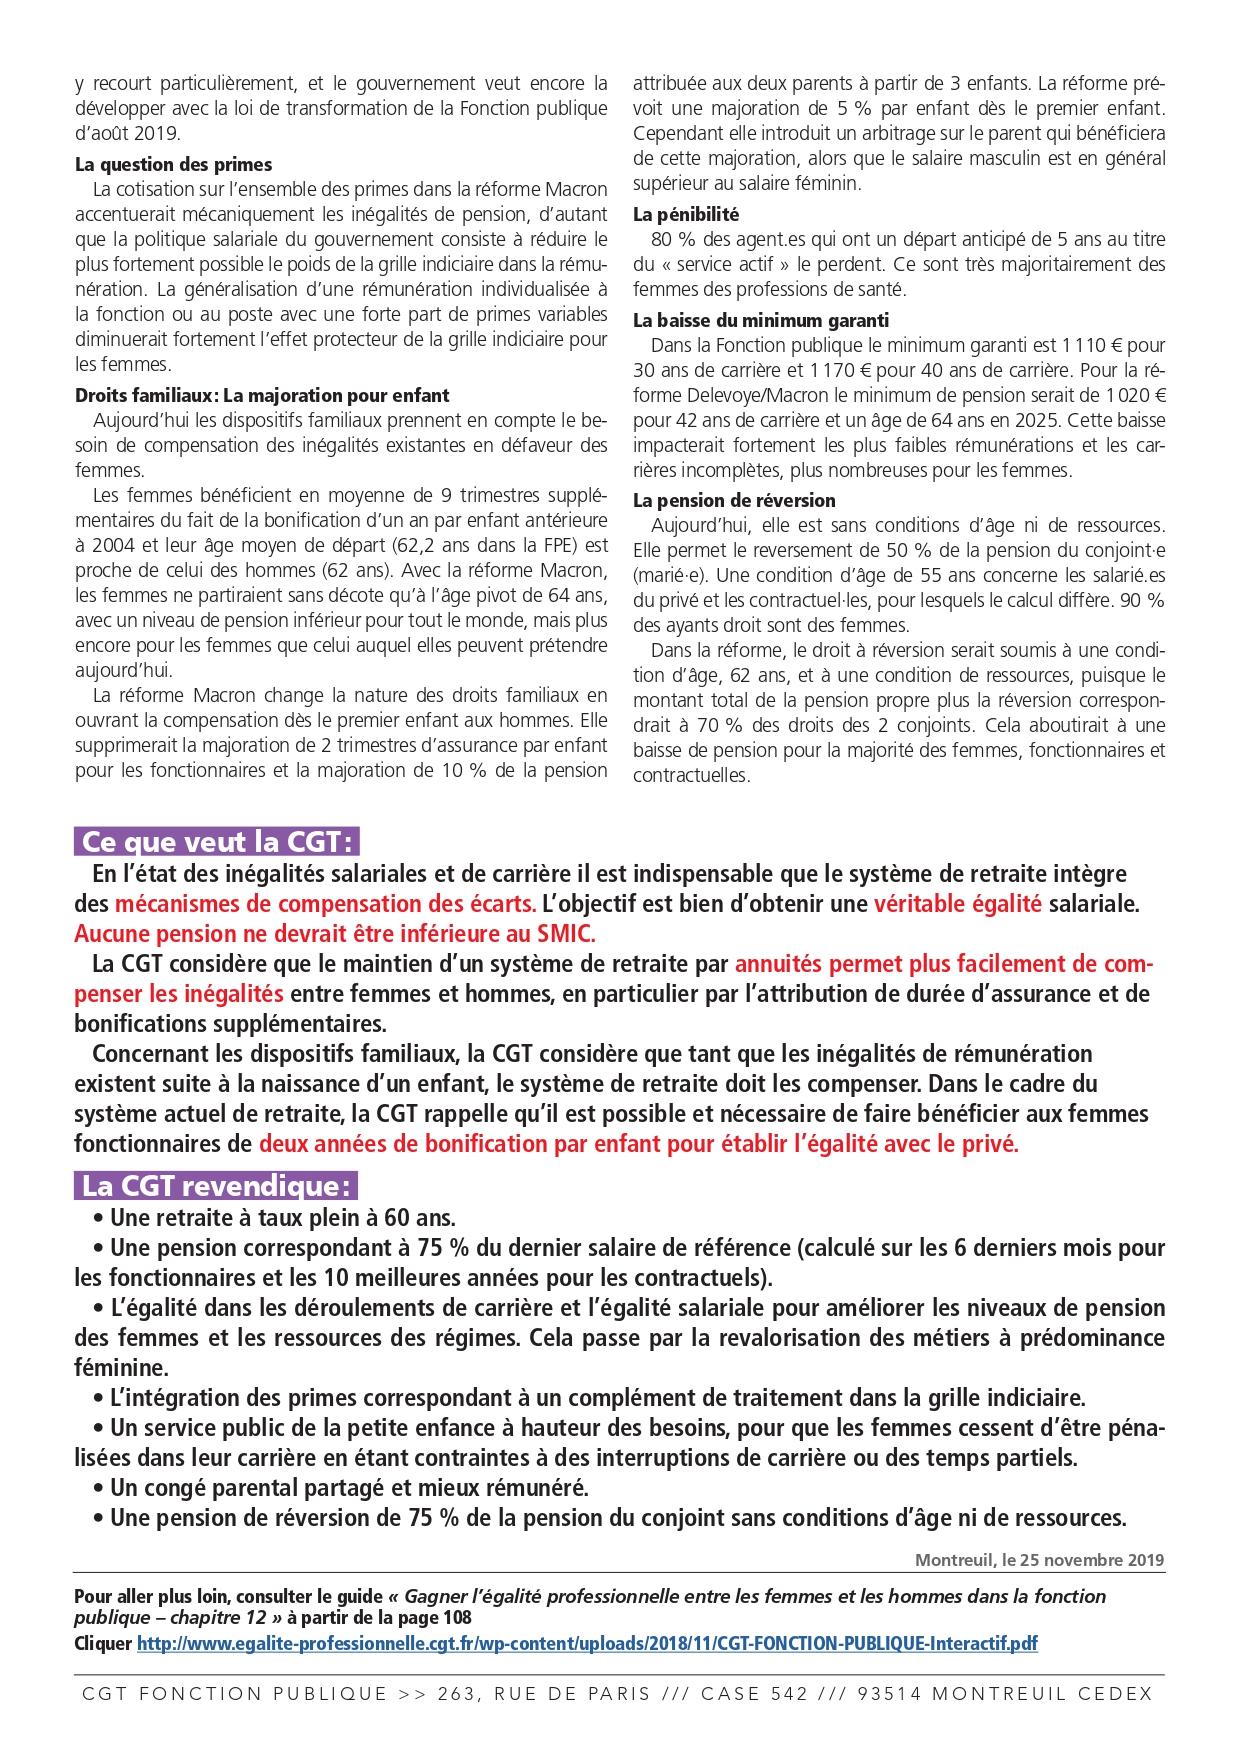 Tract retraites égalité femme homme nov 2019 (2)